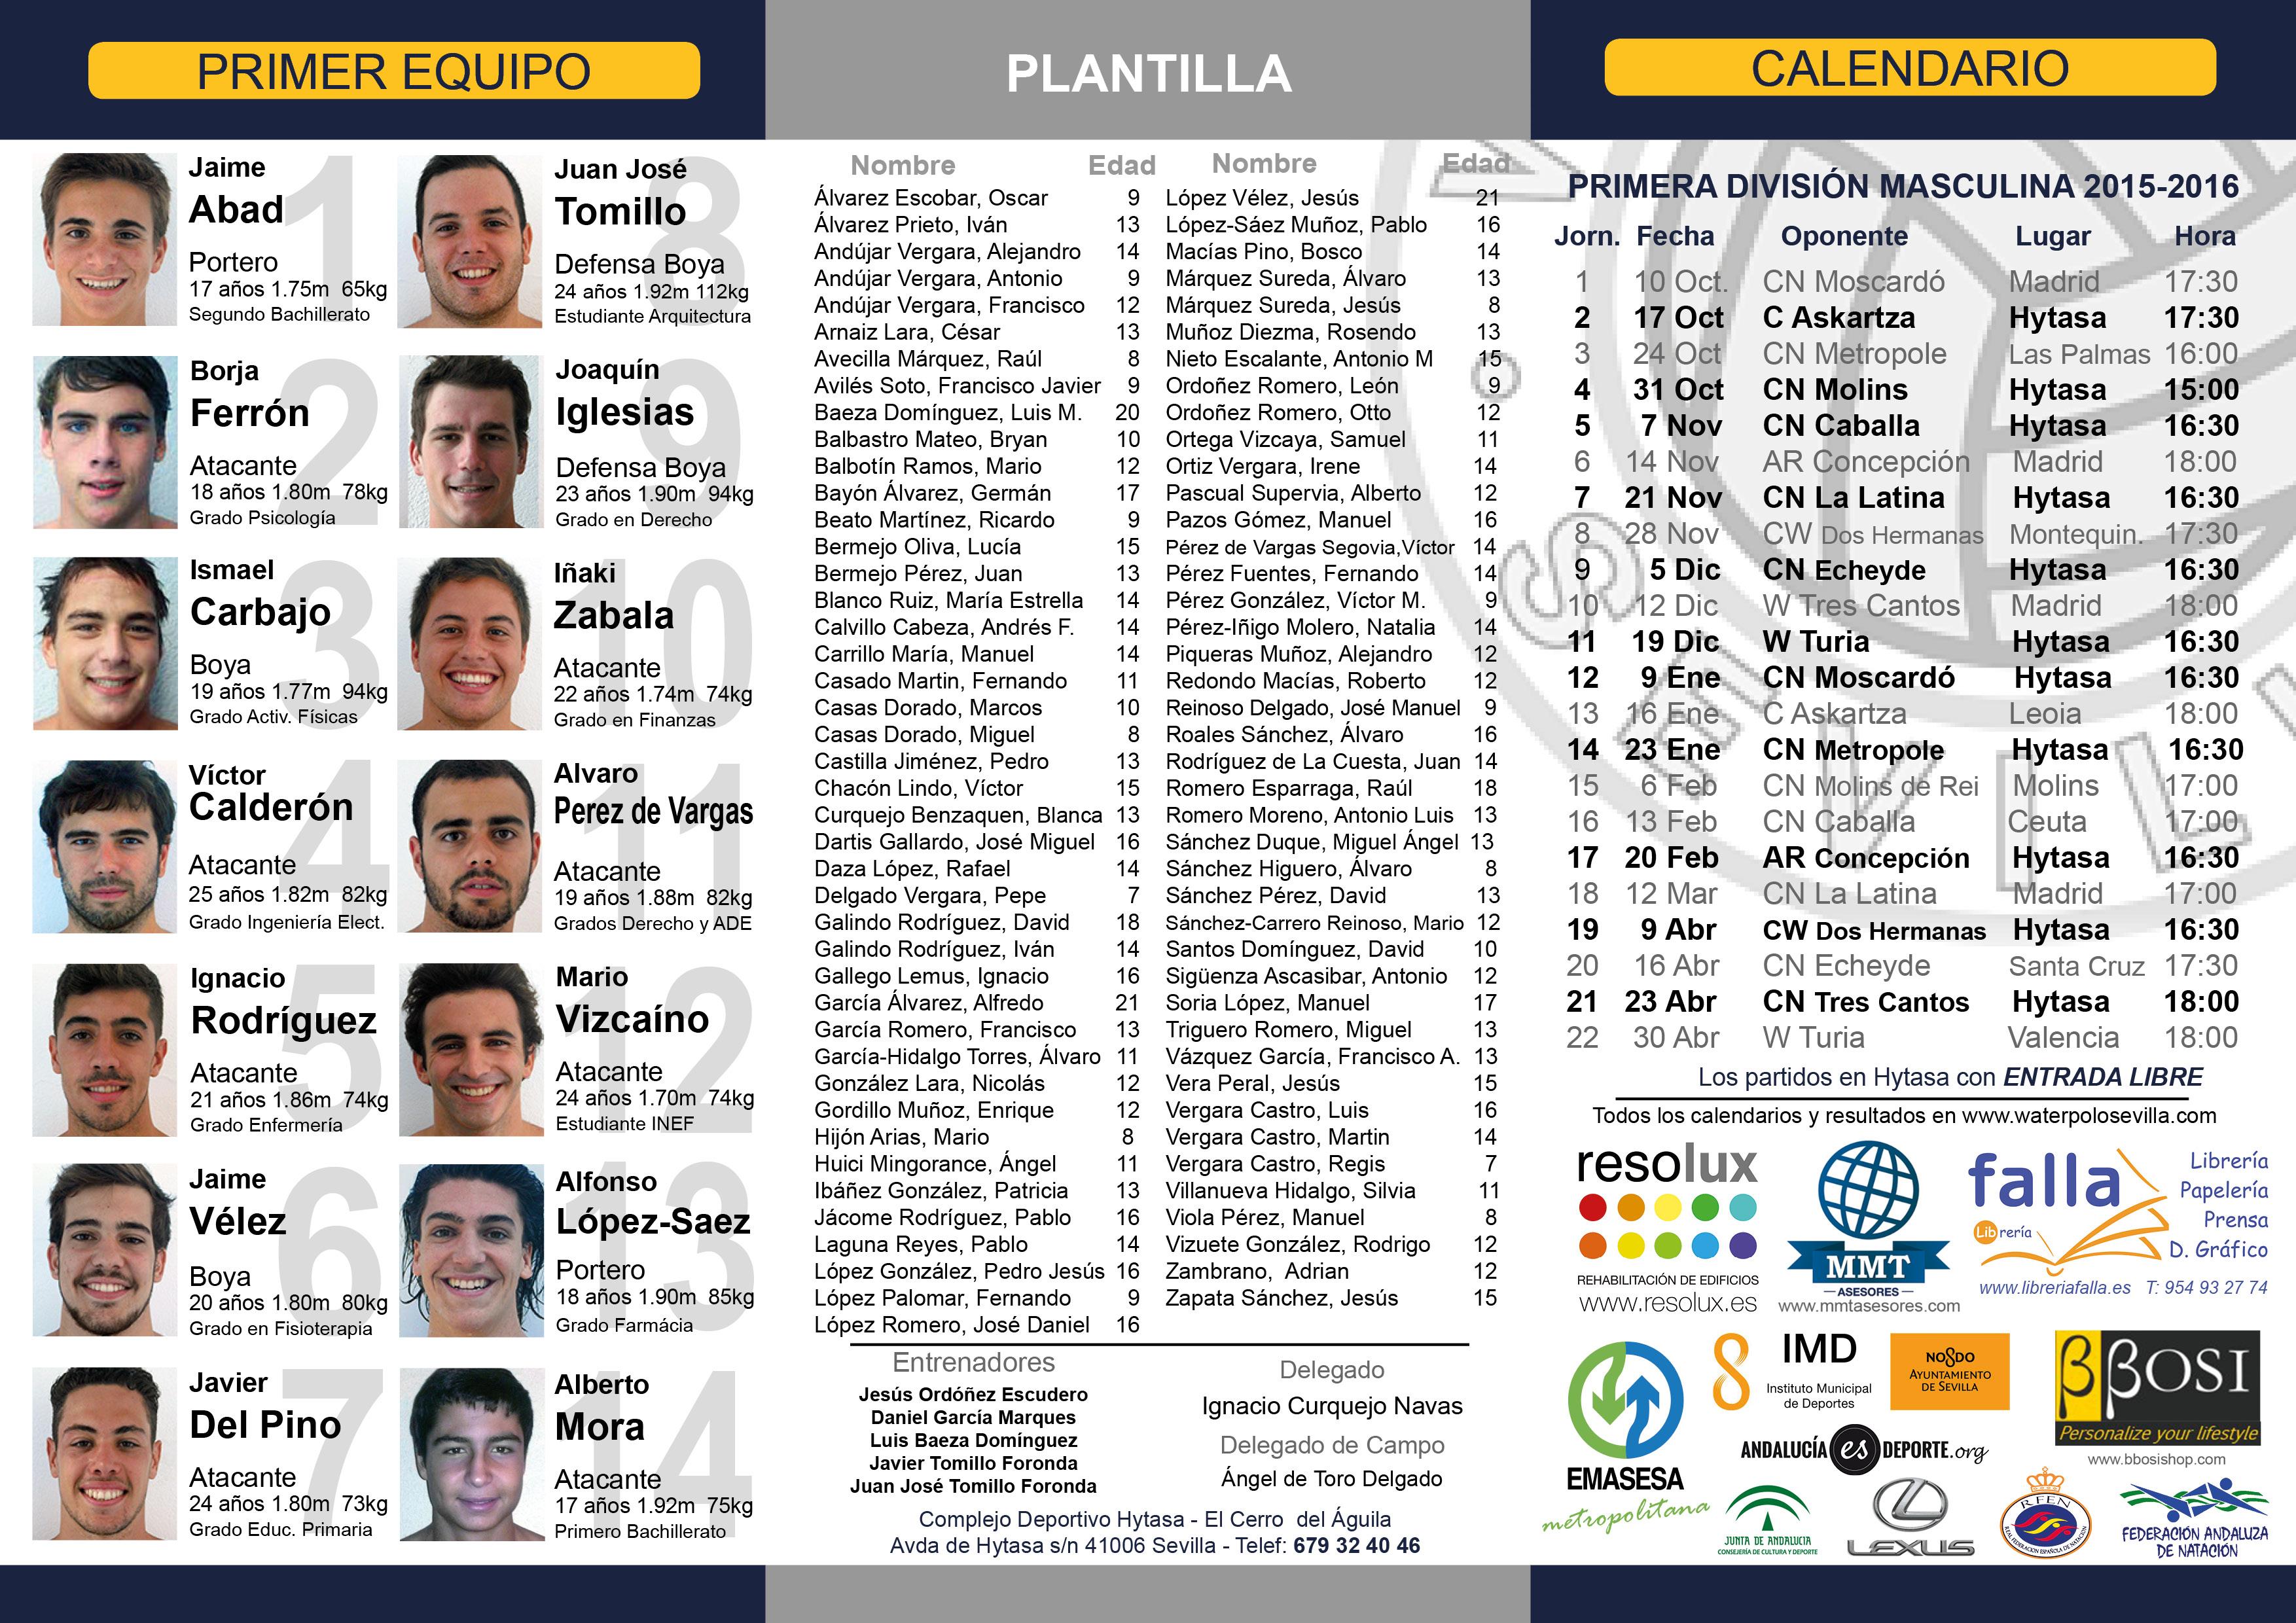 CWS Folleto Temporada 2015-2016 Delante - (2)